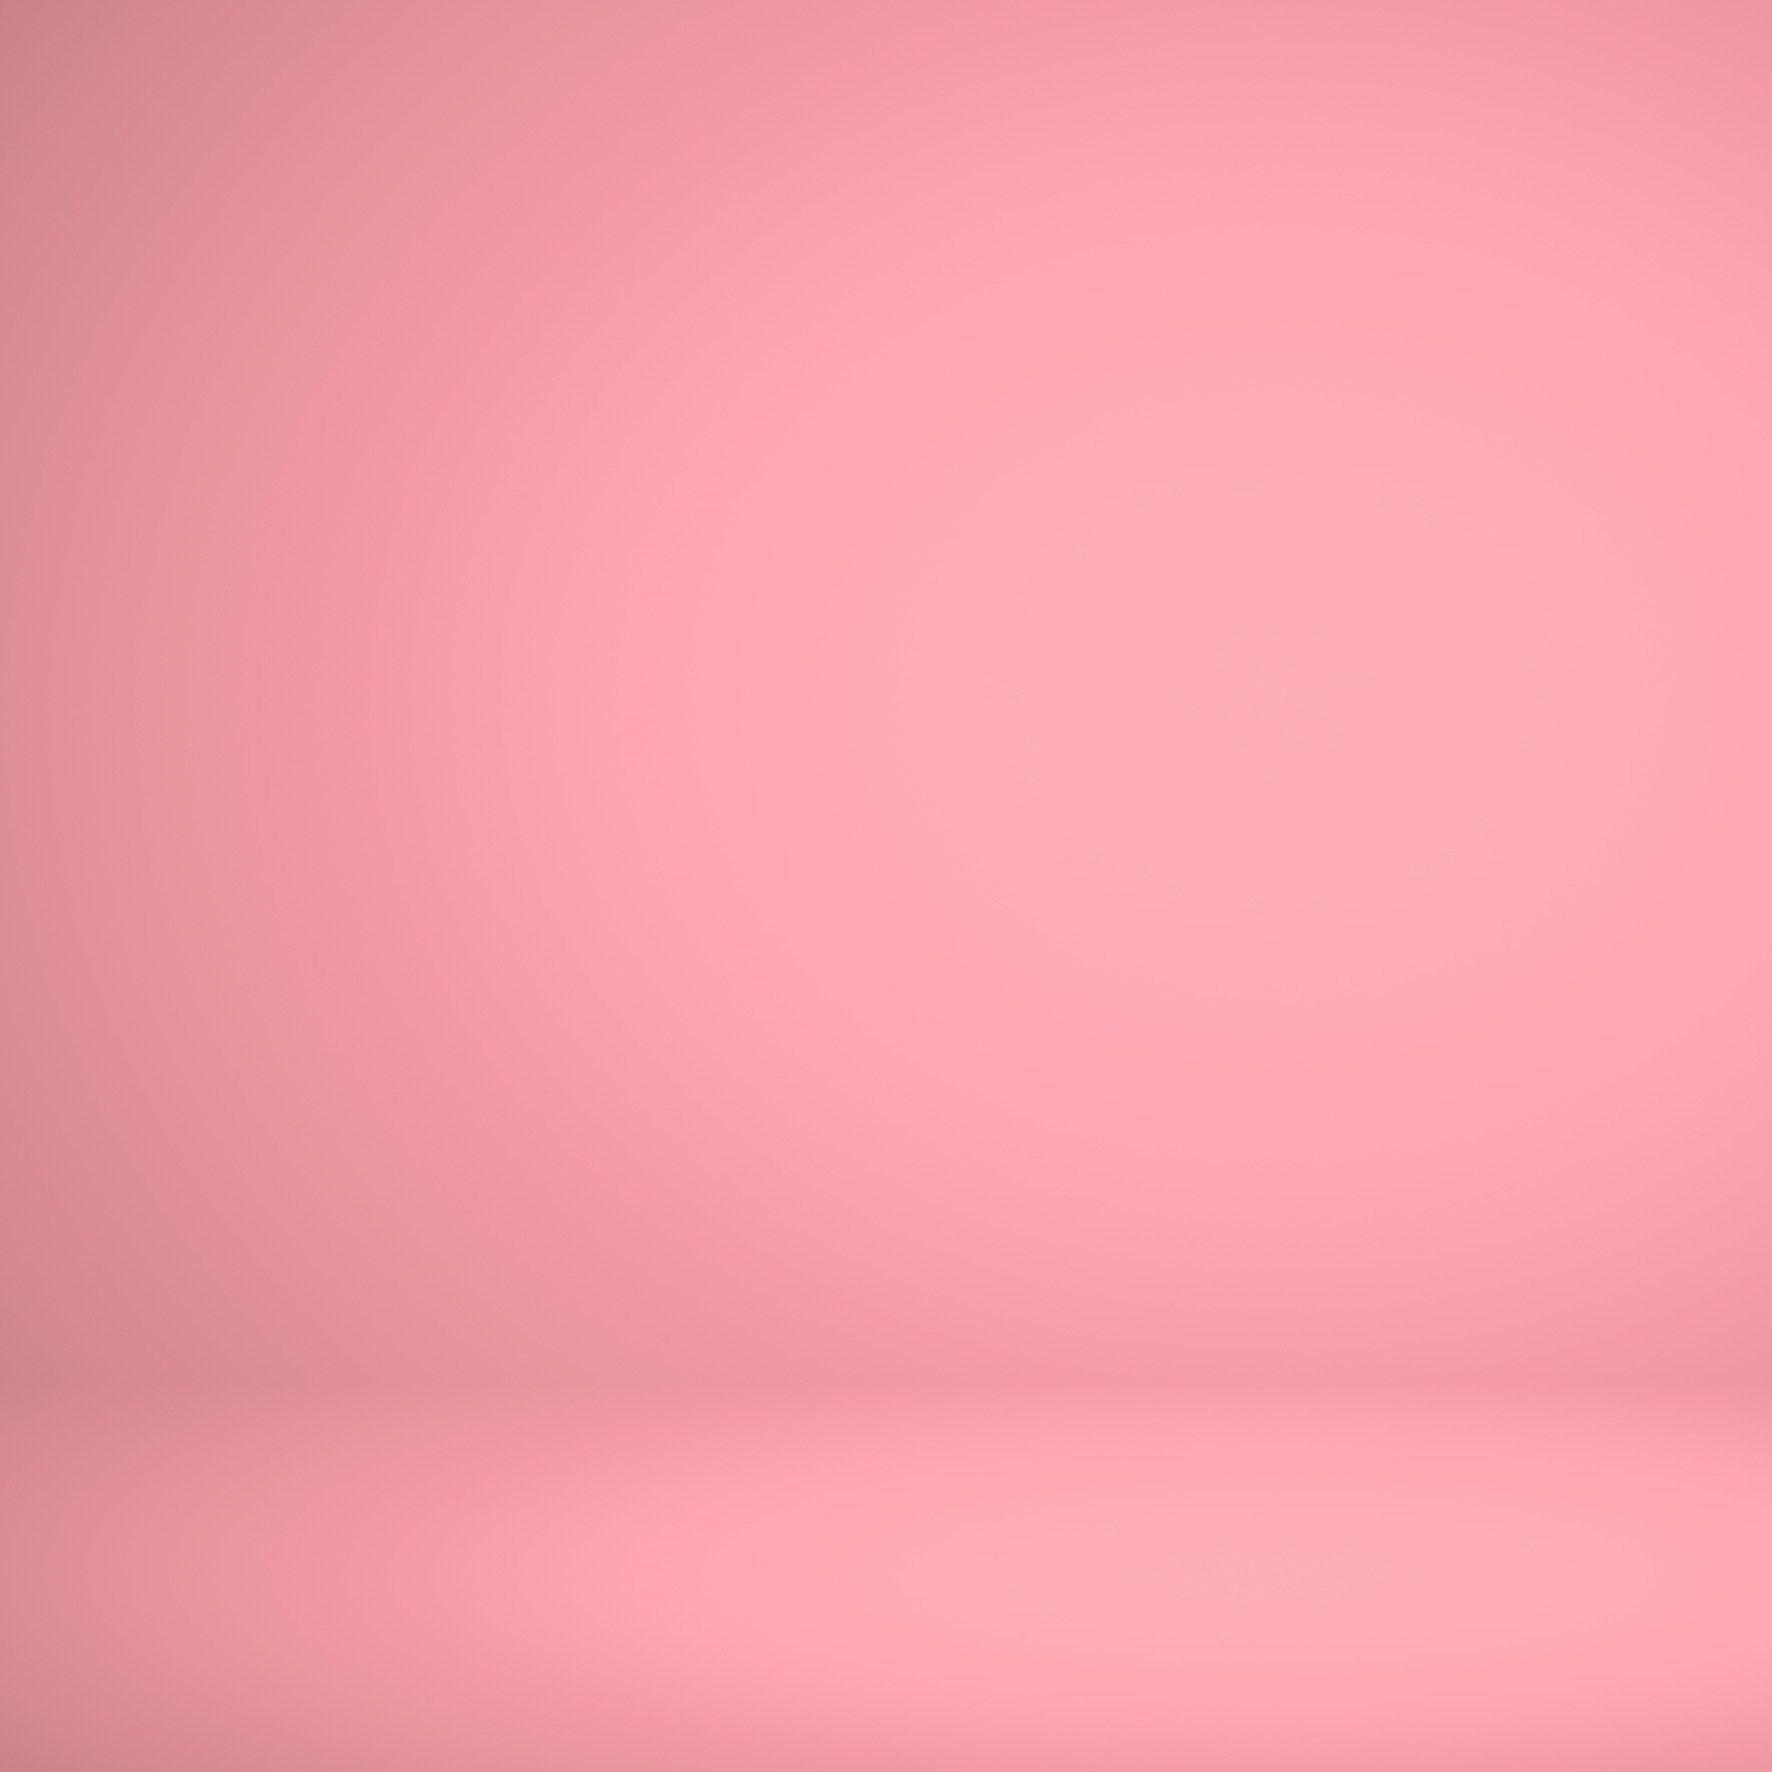 Colores en inglés rosa